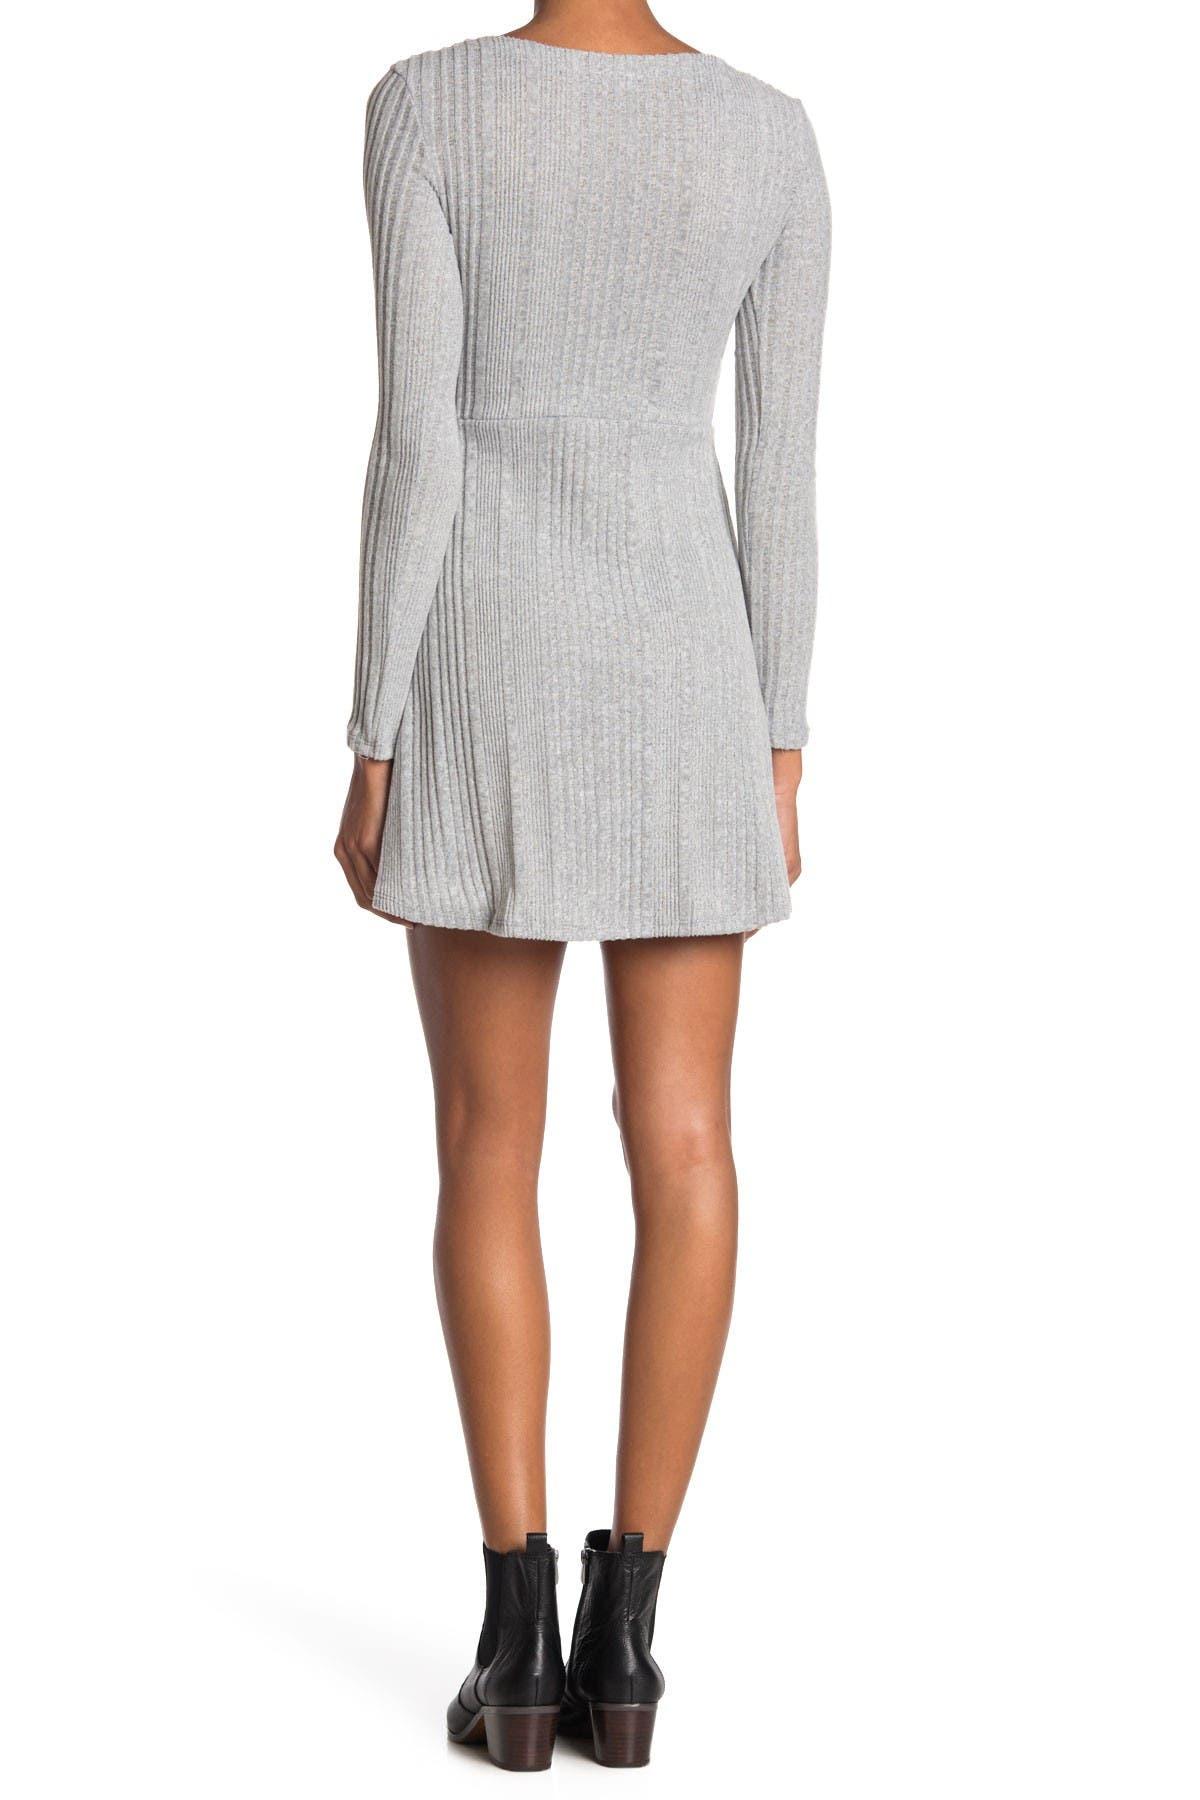 Image of Velvet Torch V-Neck Skater Sweater Dress